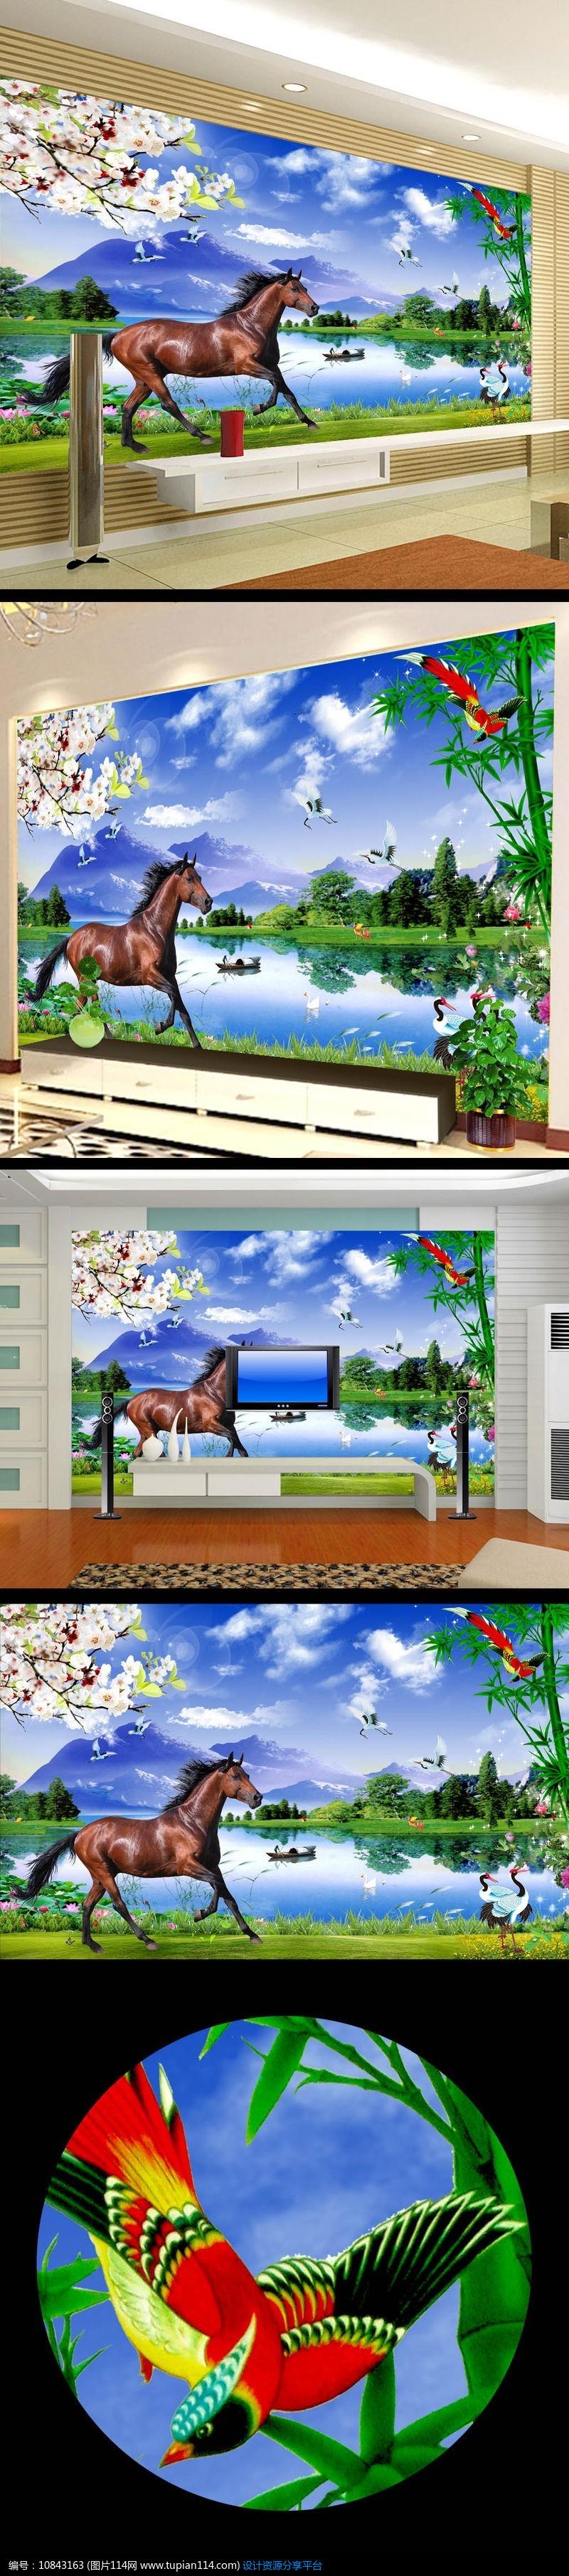 山水画骏马风景画电视墙设计素材免费下载_其他设计